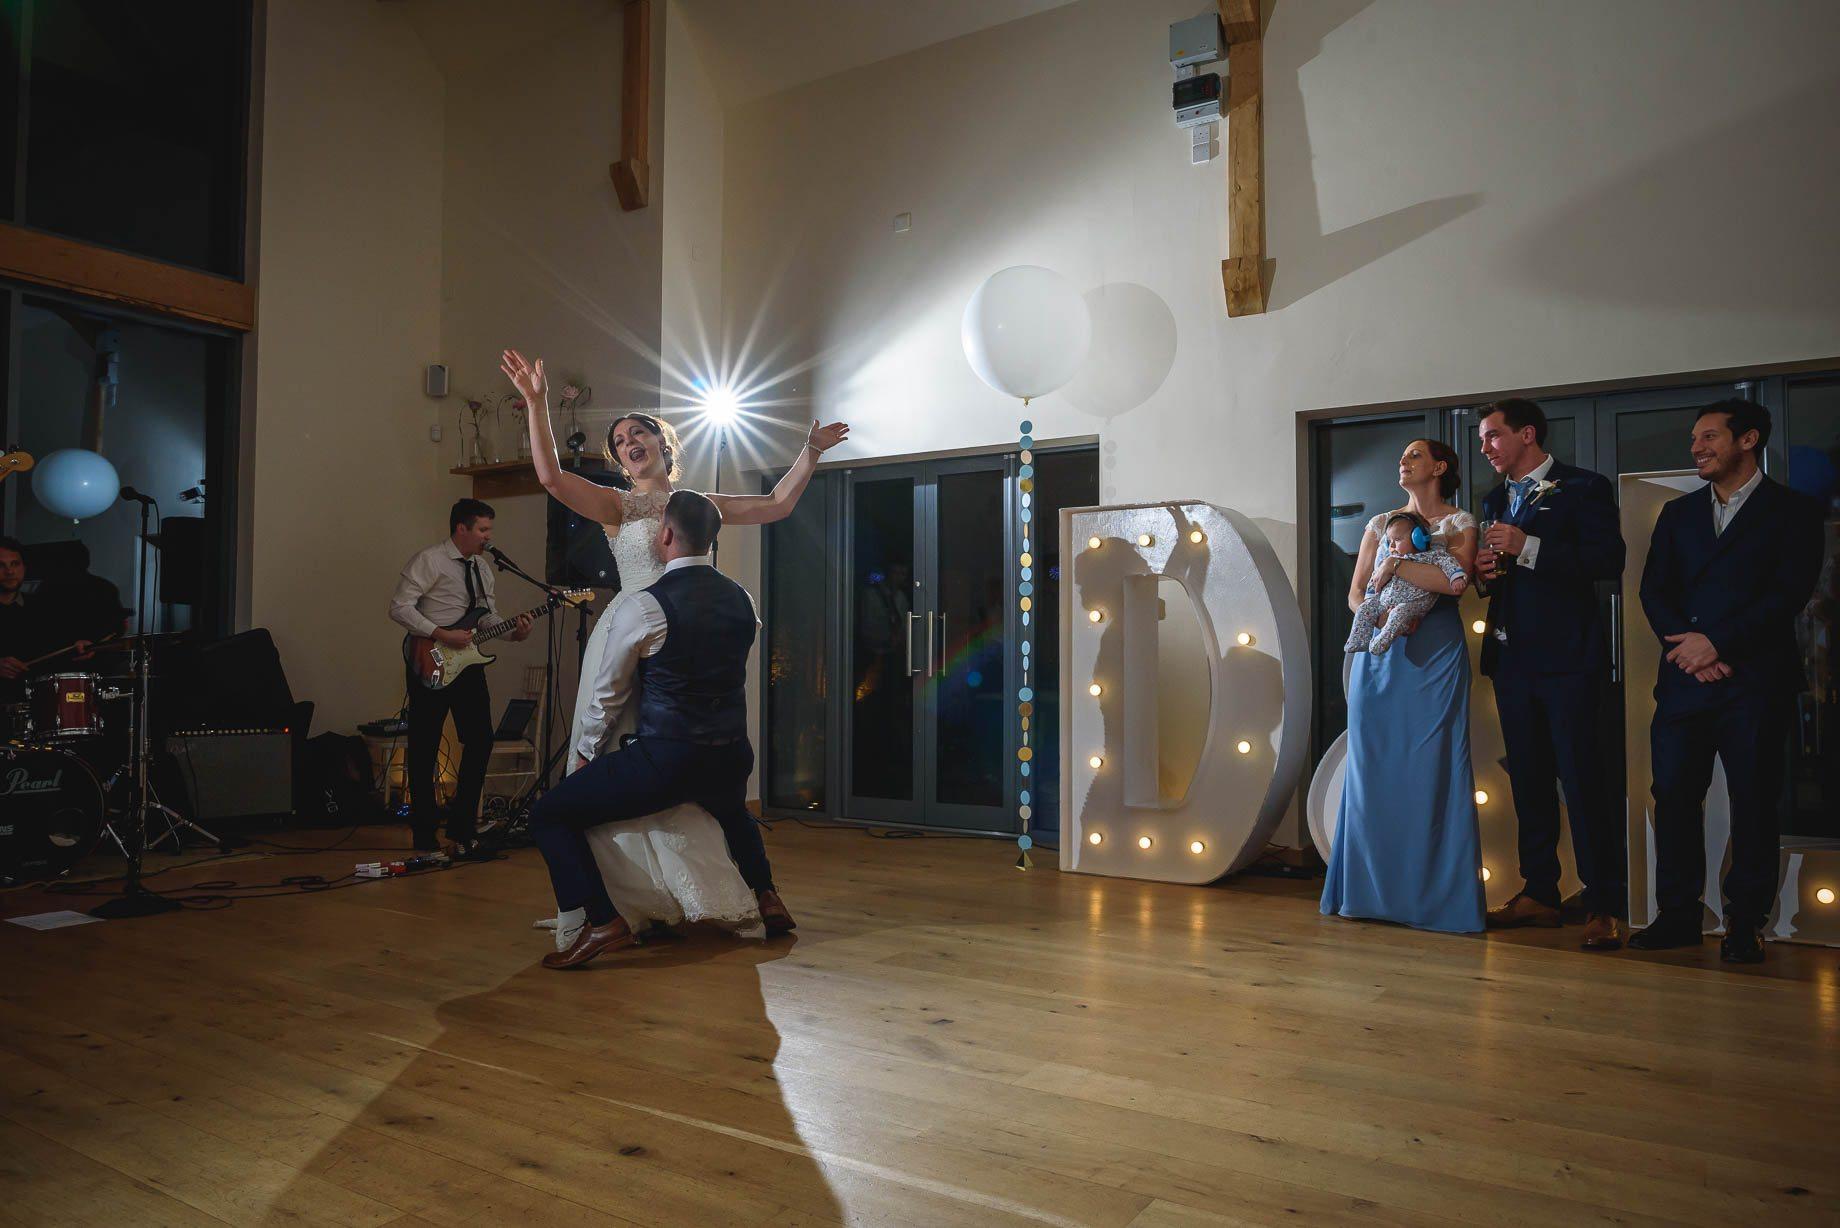 Millbridge Court Wedding Photography - Lisa and Daniel (166 of 173)